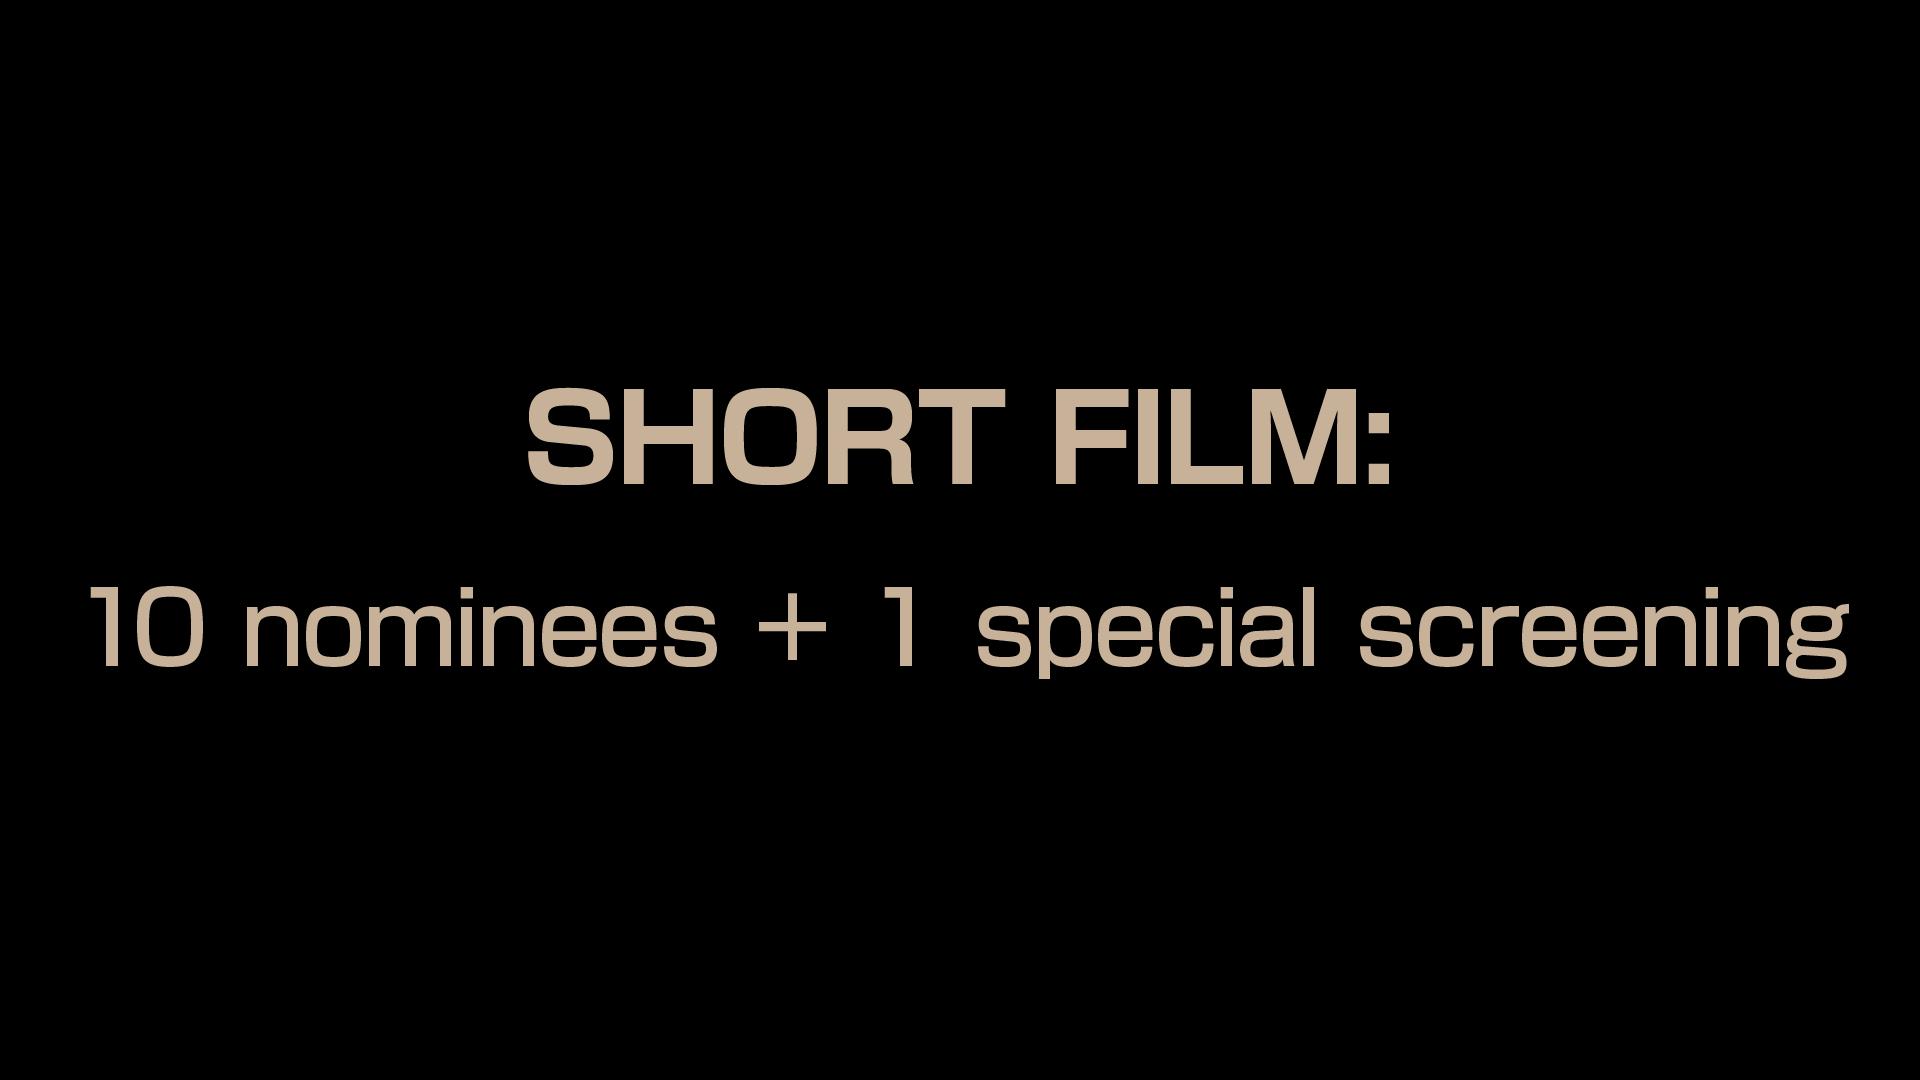 SHORT FILM: 10 nominees + 1 special screening